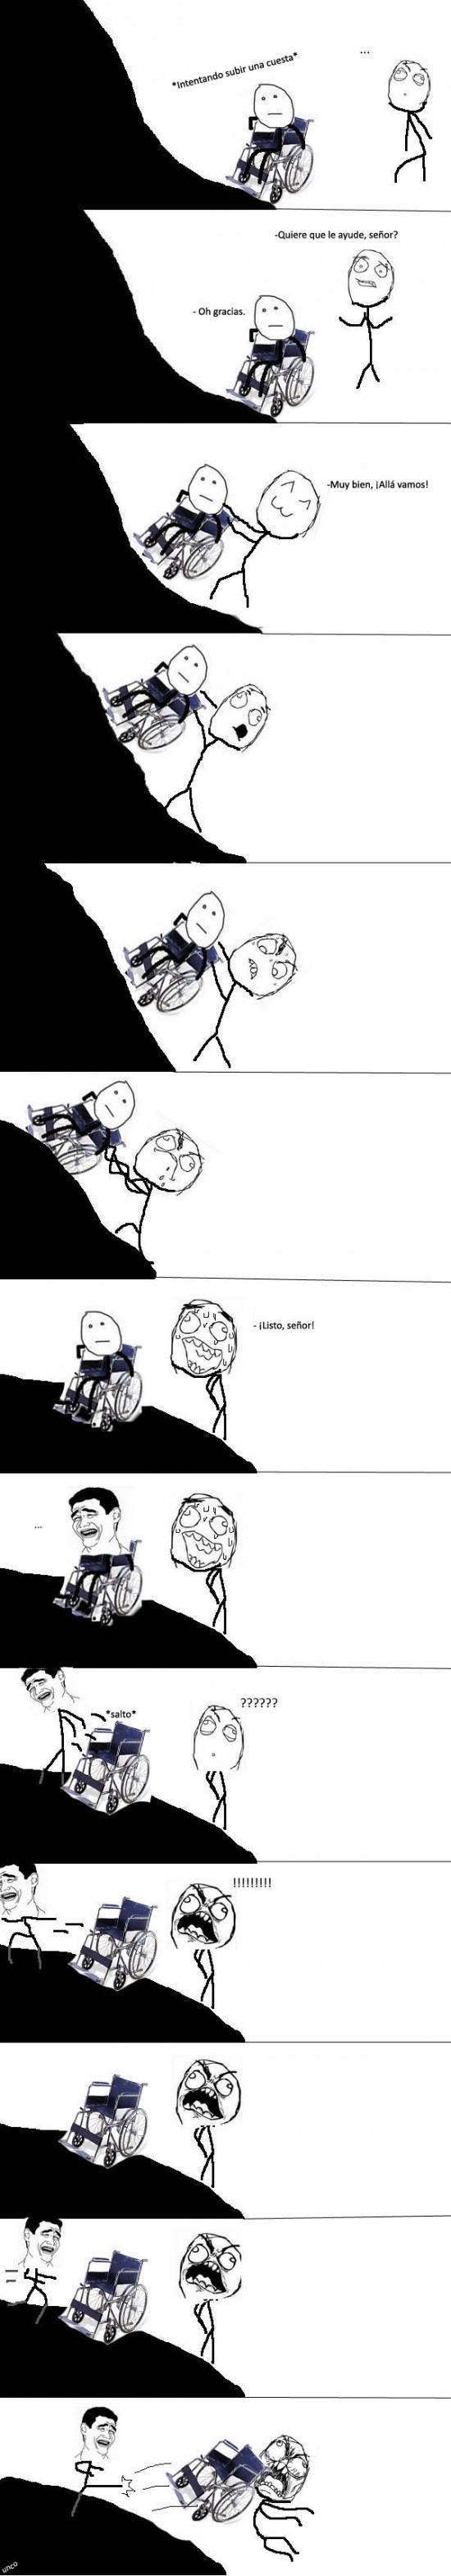 cuesta,silla de ruedas,subir